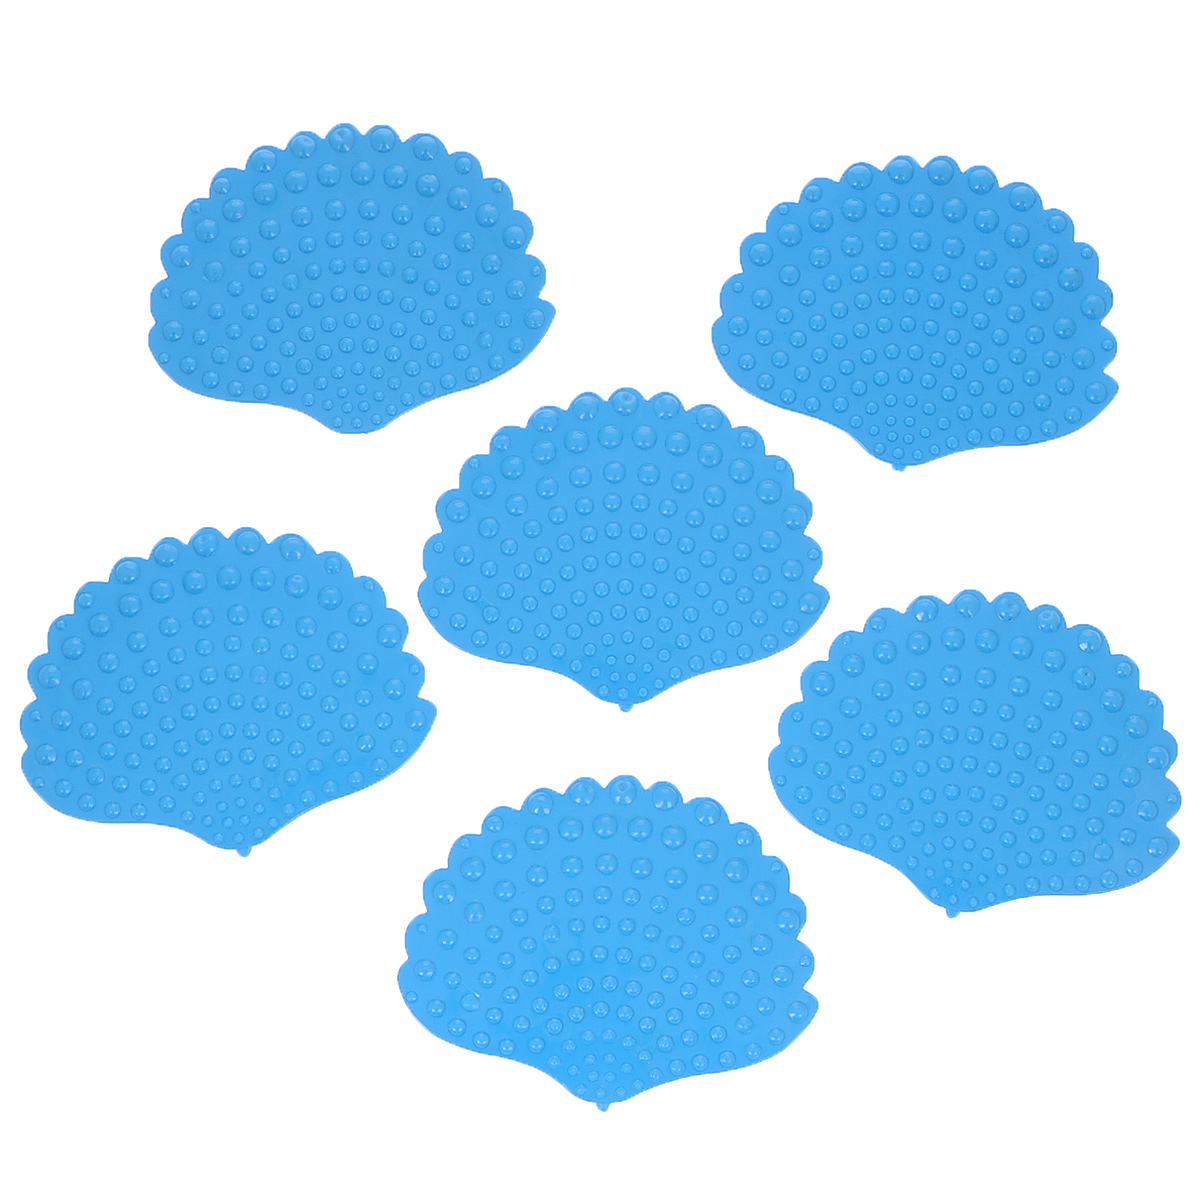 Набор мини-ковриков для ванной Dom Company Ракушка перламутровая, цвет: голубой, 6 шт.CLP446Набор Dom Company Ракушка перламутровая состоит из шести мини-ковриков для ванной, изготовленных из 100% полимерных материалов в форме ракушек. Коврики оснащены присосками, предотвращающими скольжение. Их можно крепить на дно ванны или использовать как декор для плитки. Коврики легко чистить.